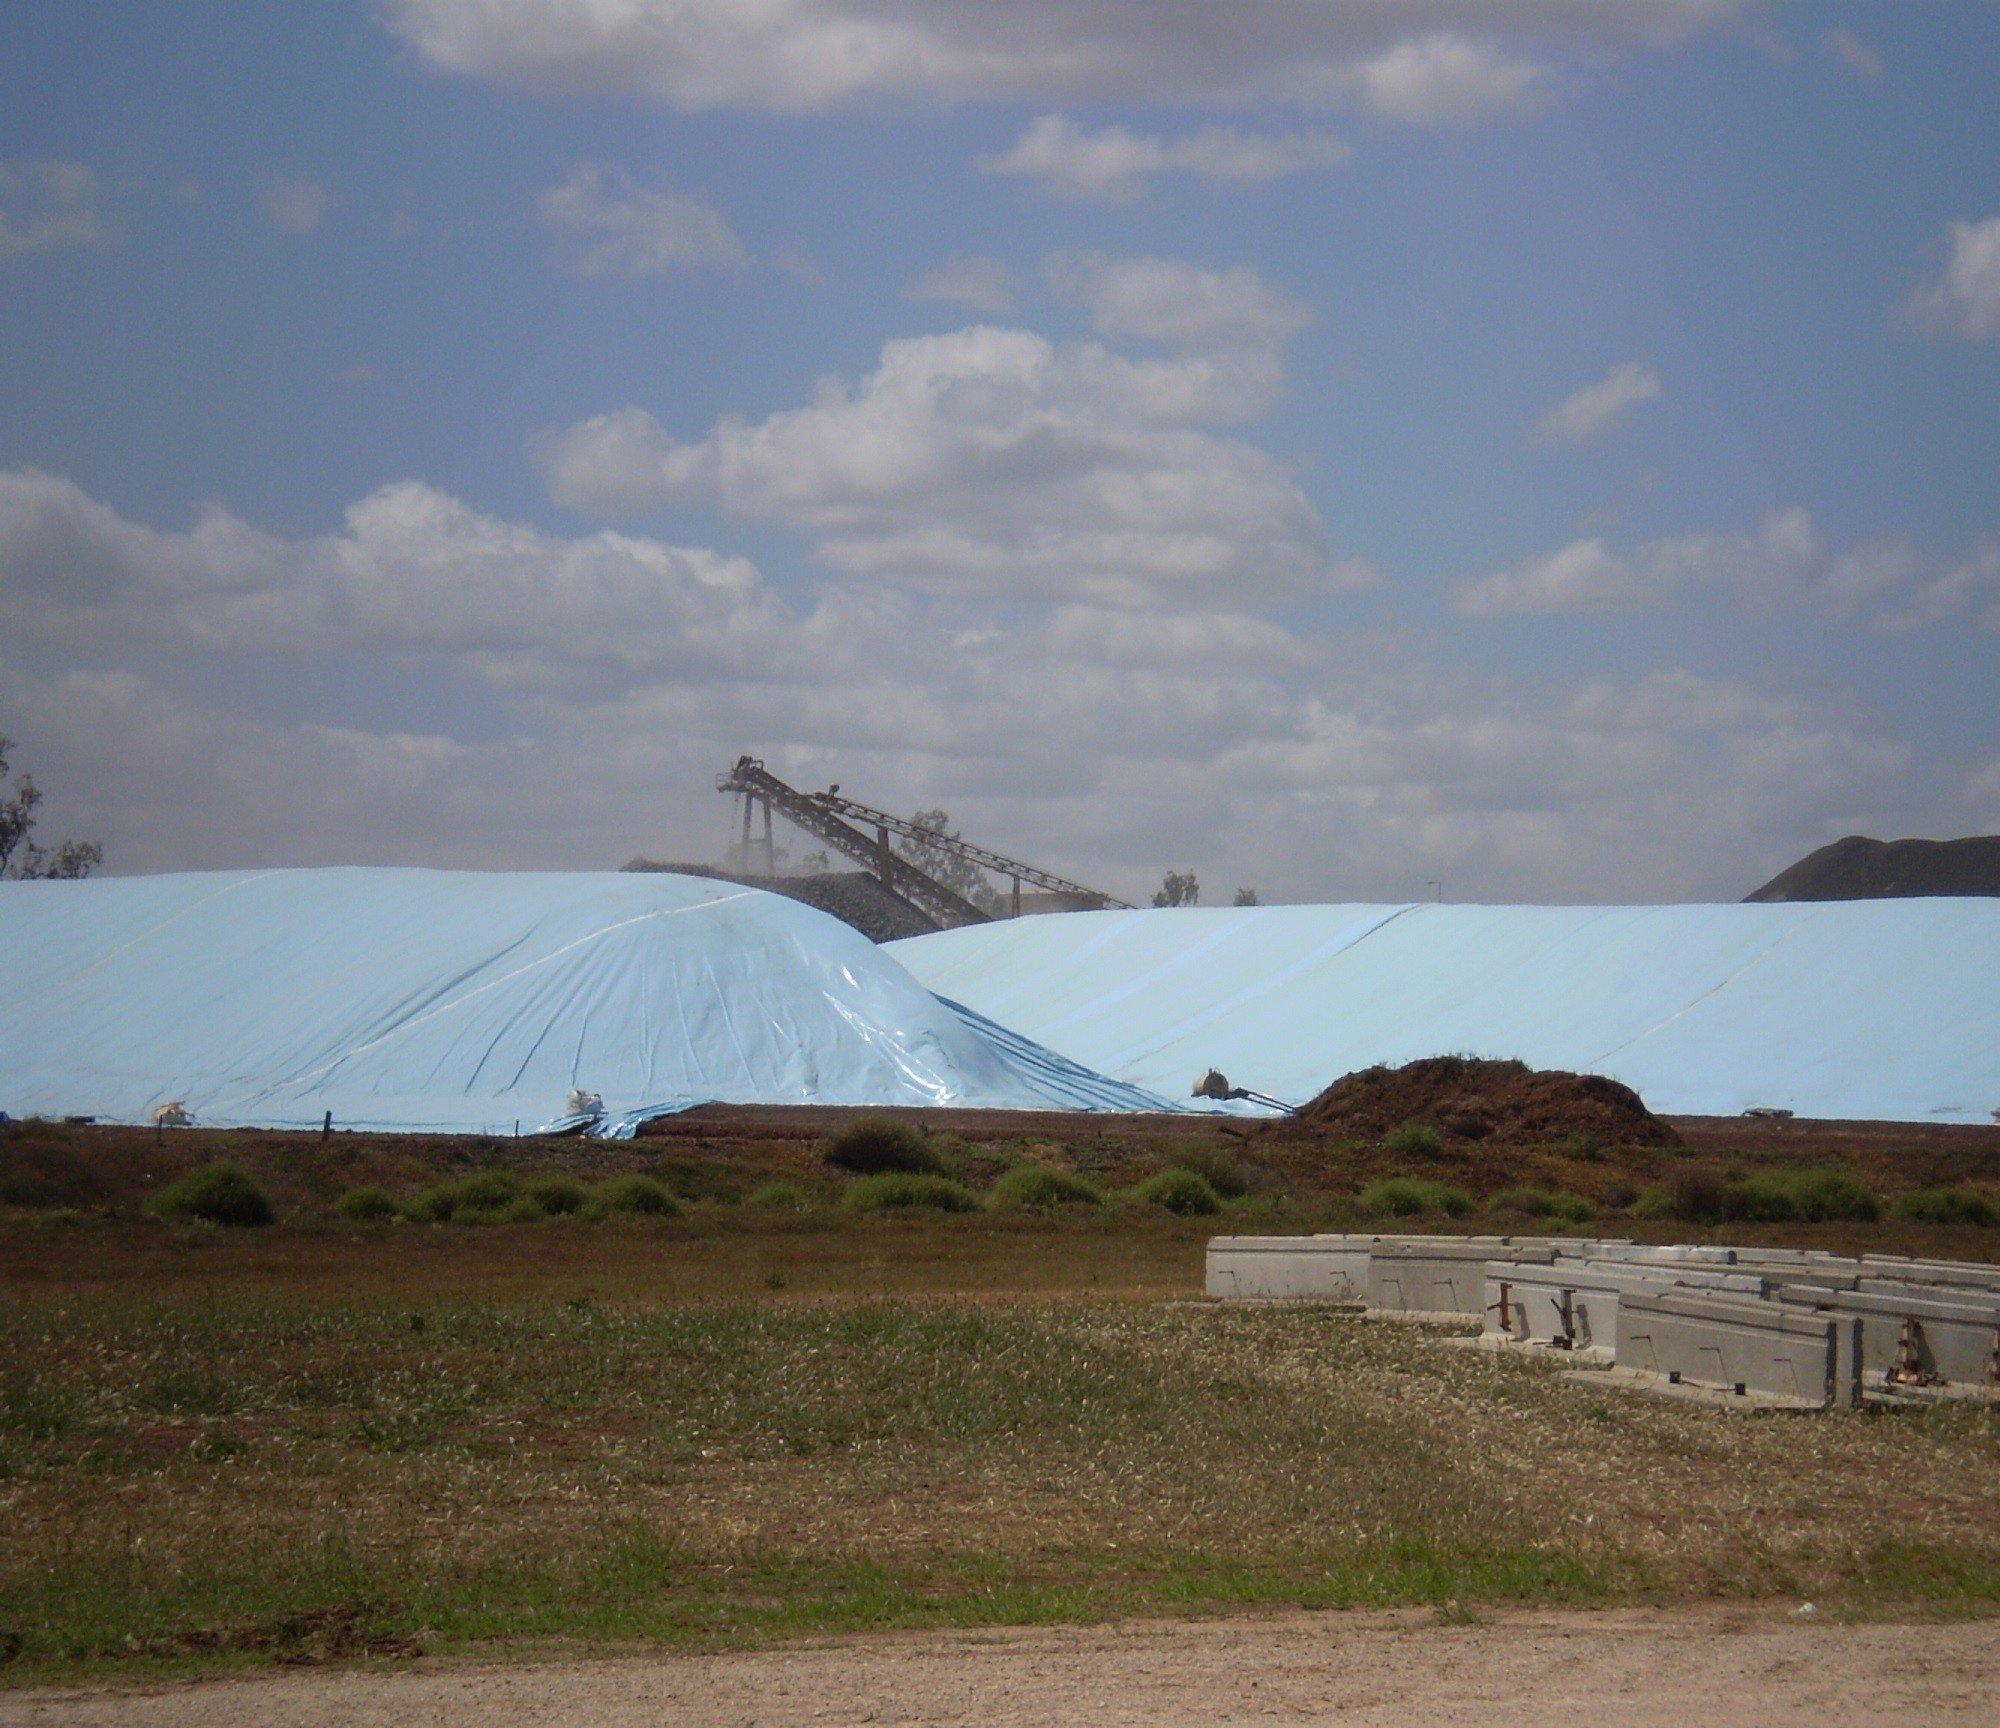 Flat Tarp Grain Bunker Cover 8